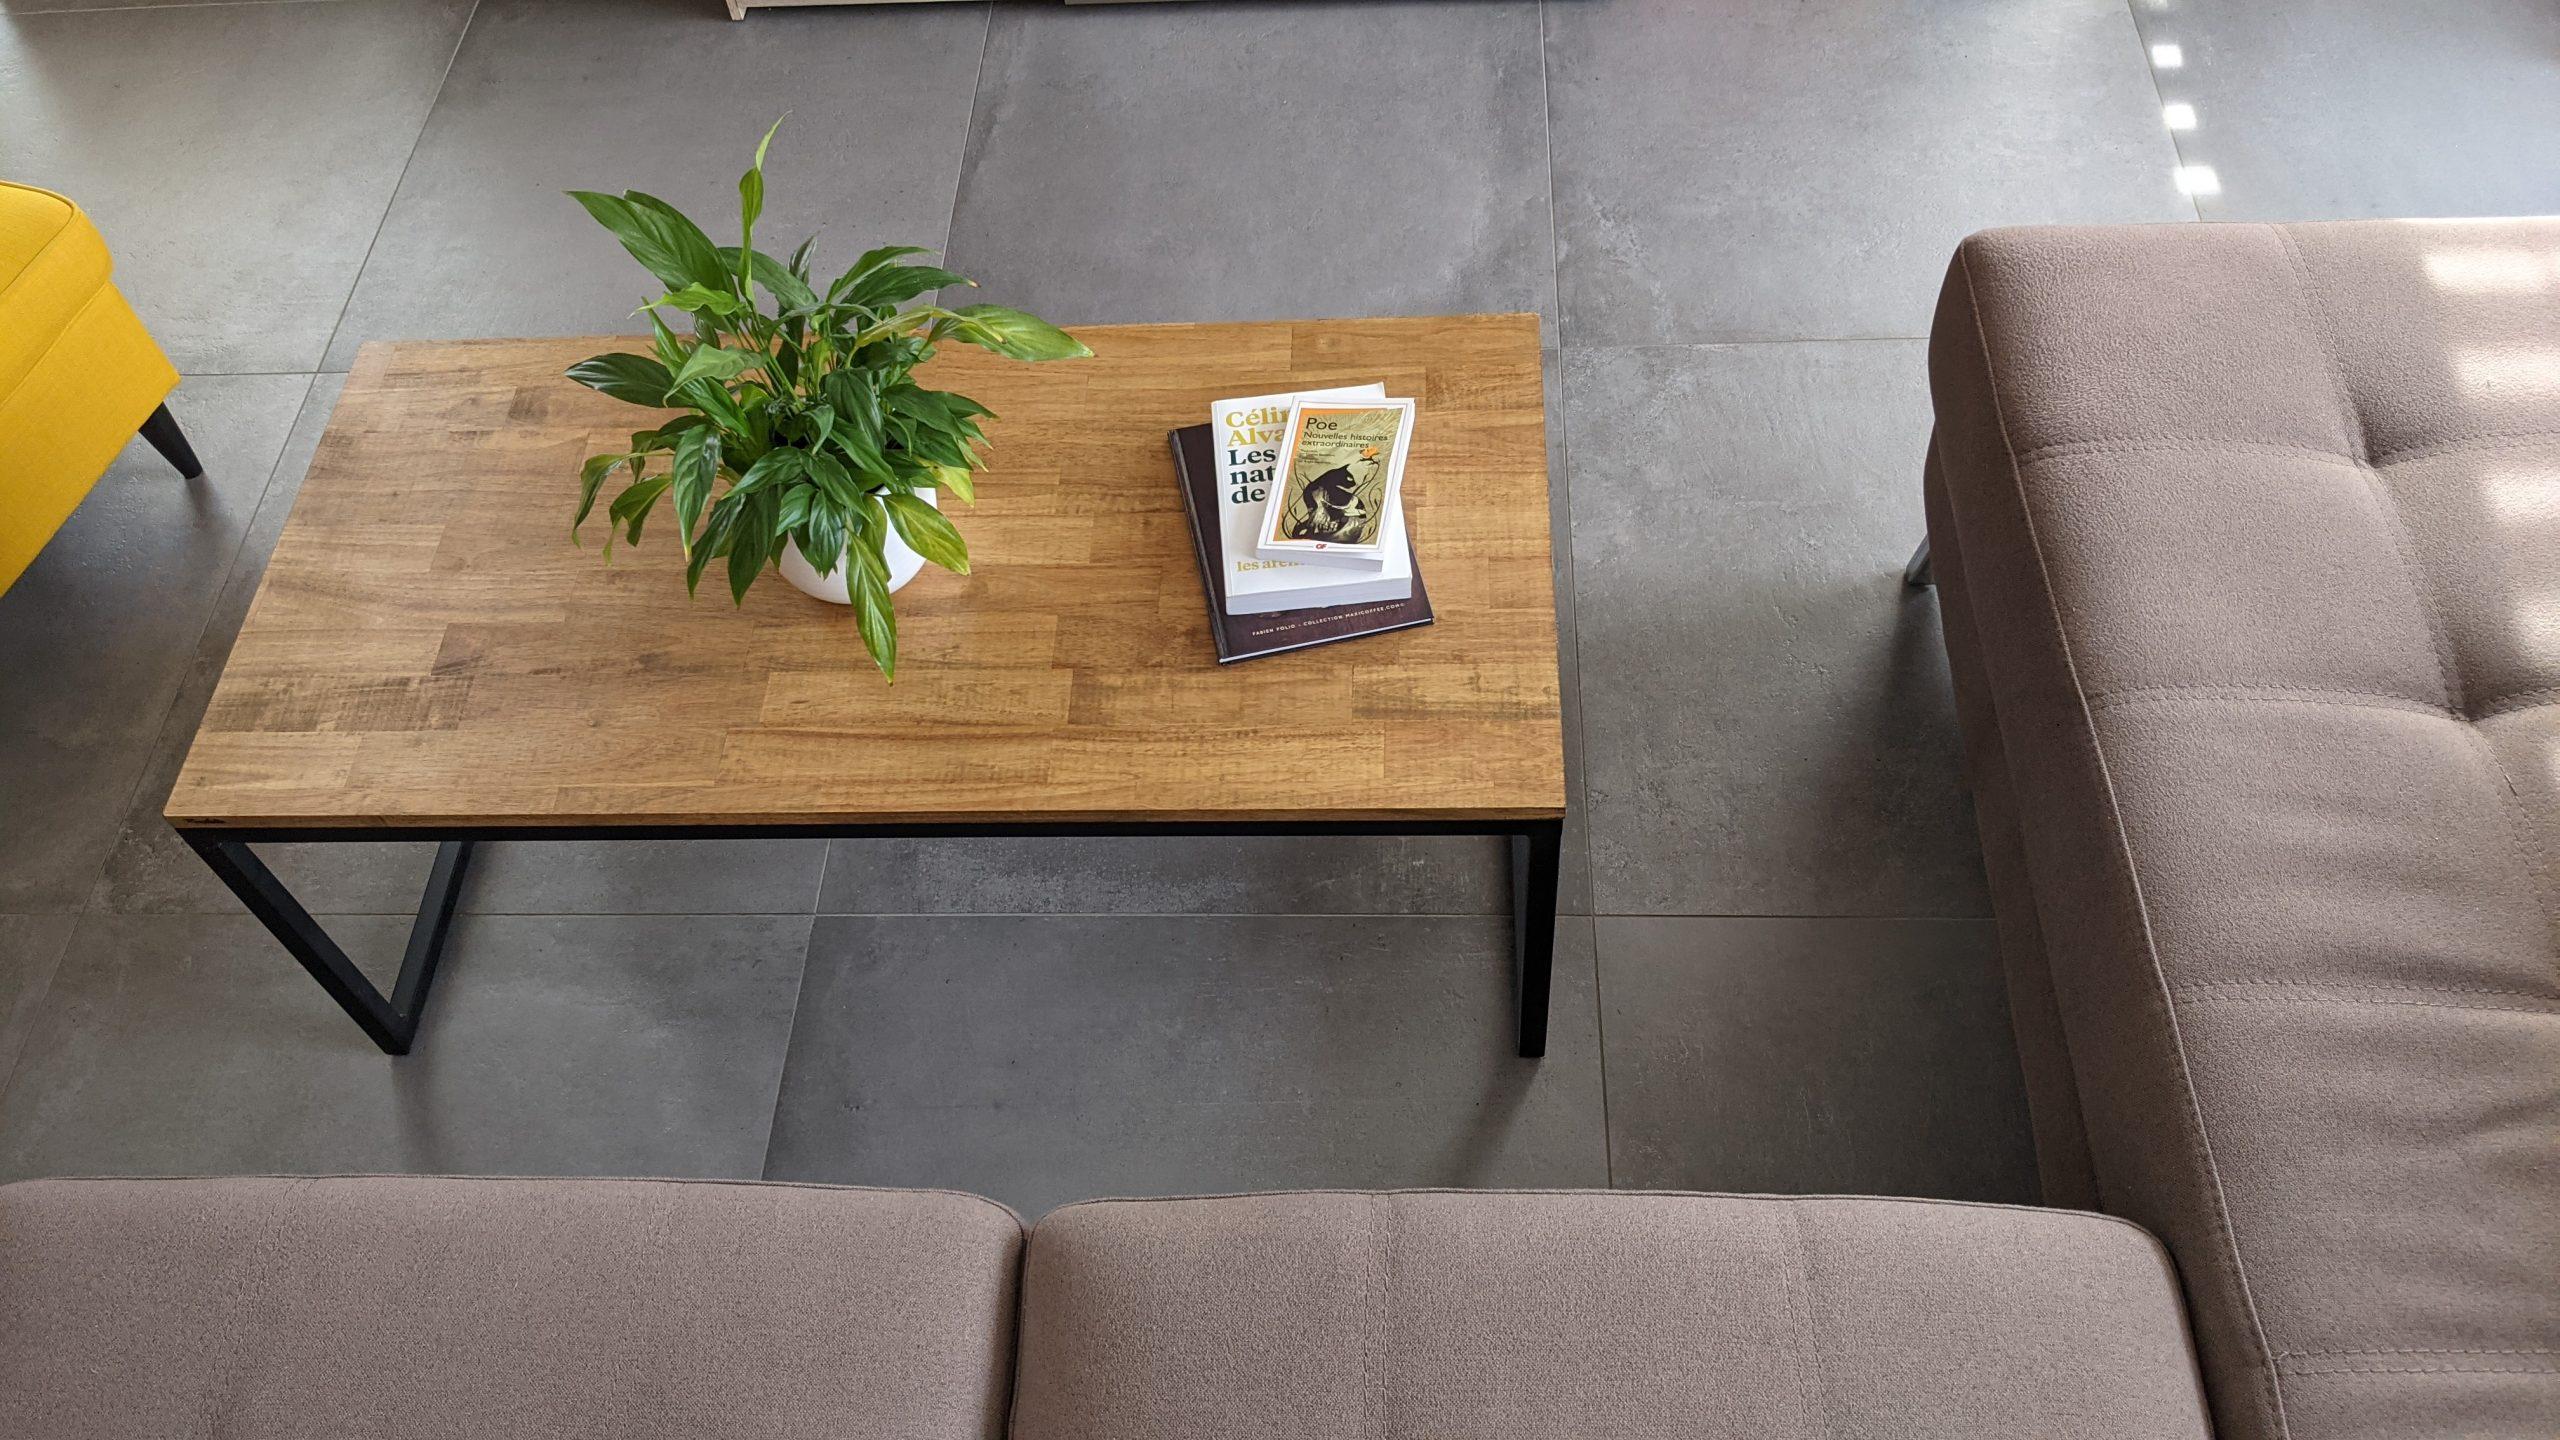 Un mobilier artisanal de style industriel avec Havalokia